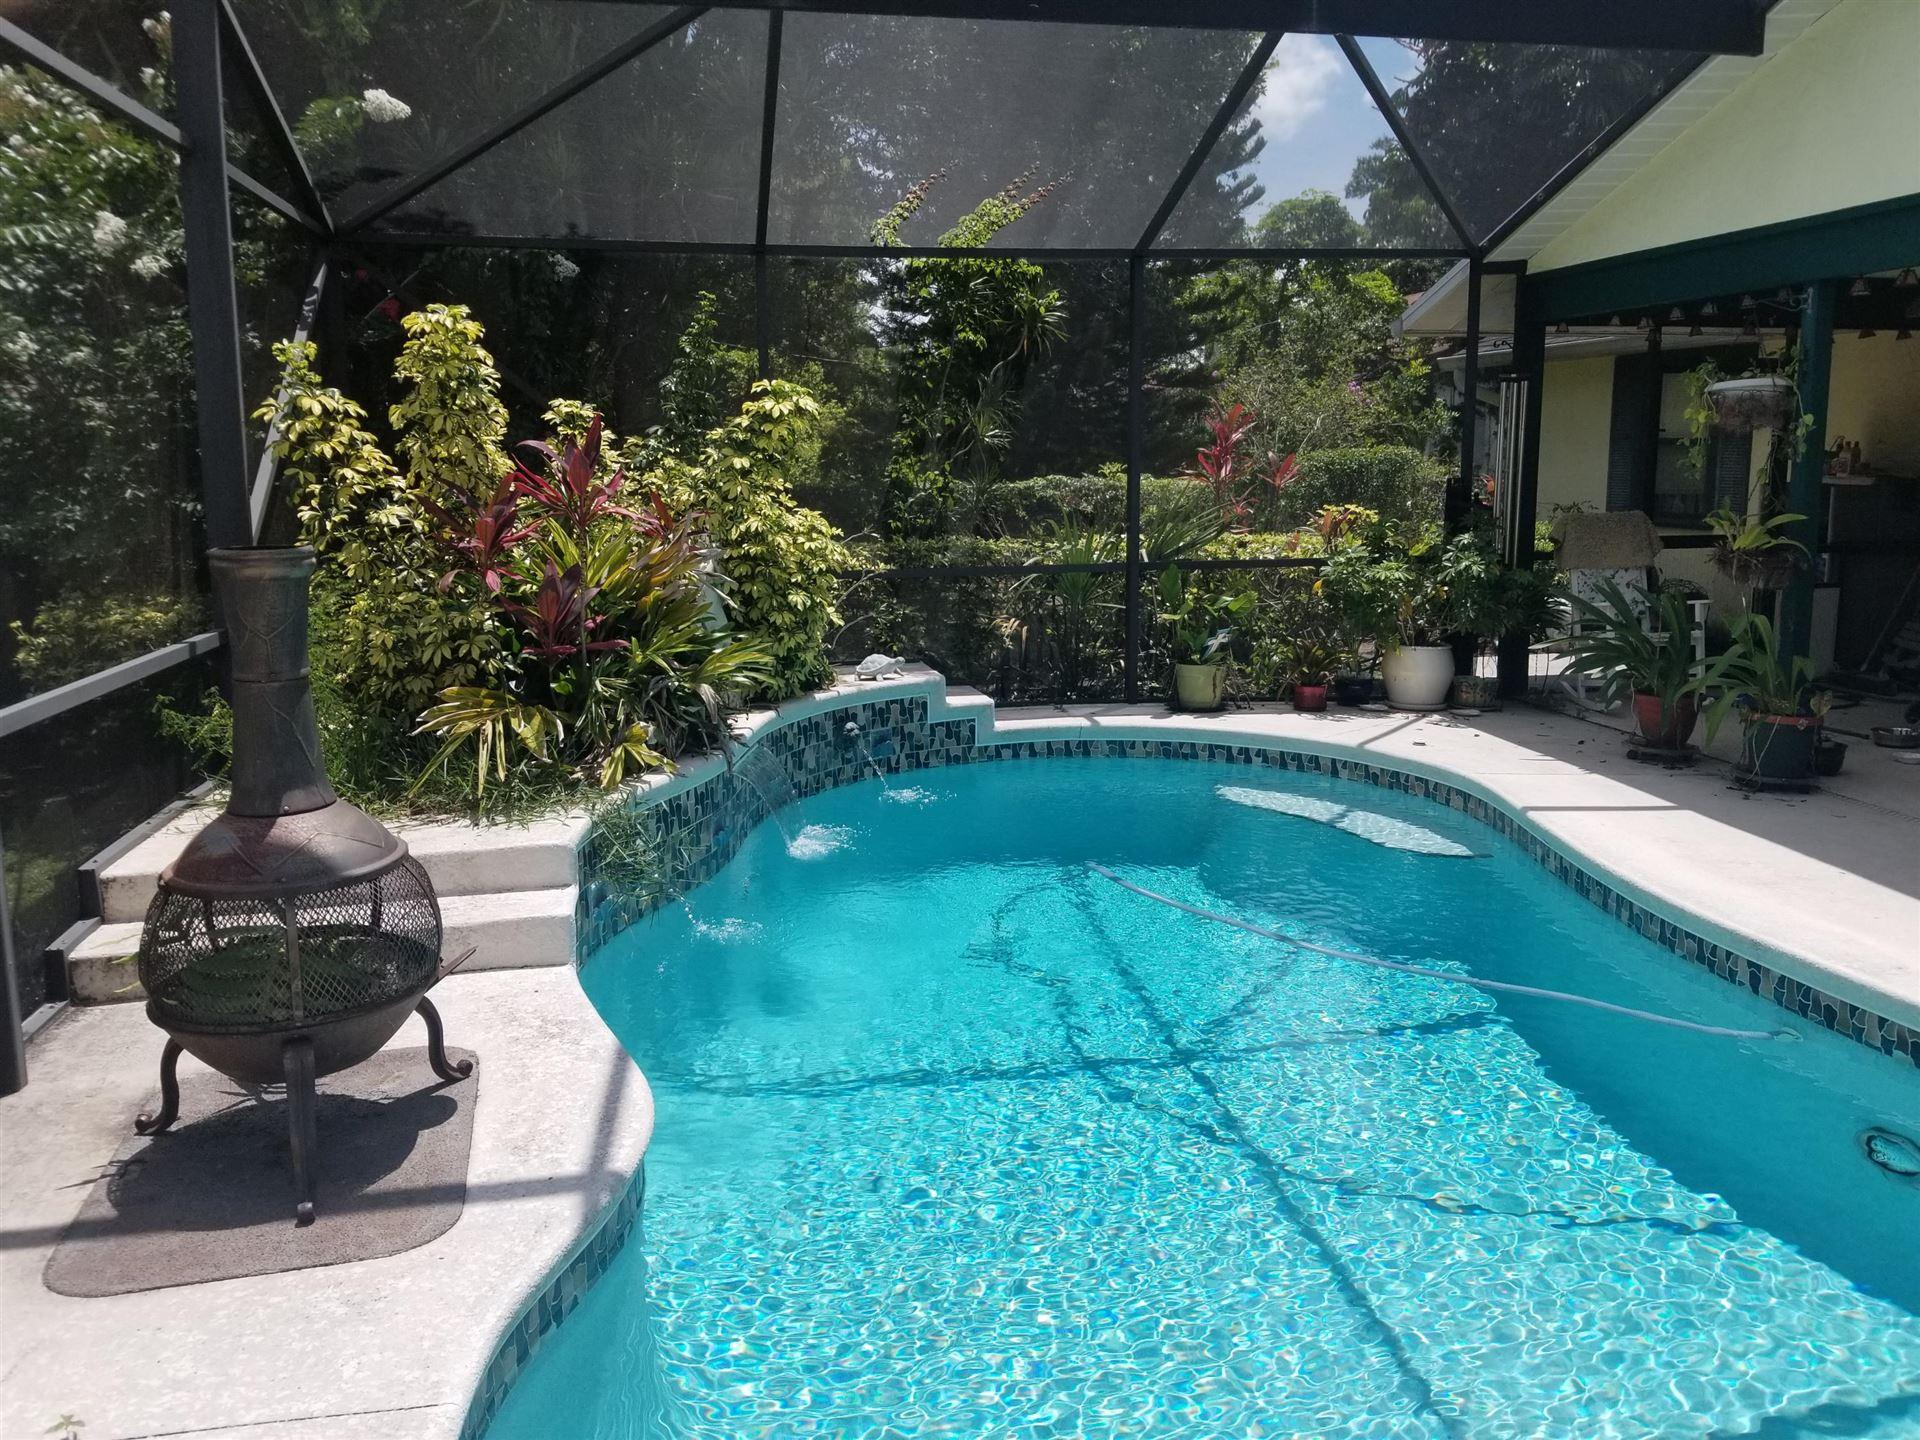 233 SE Walters Terrace, Port Saint Lucie, FL 34983 - #: RX-10650199